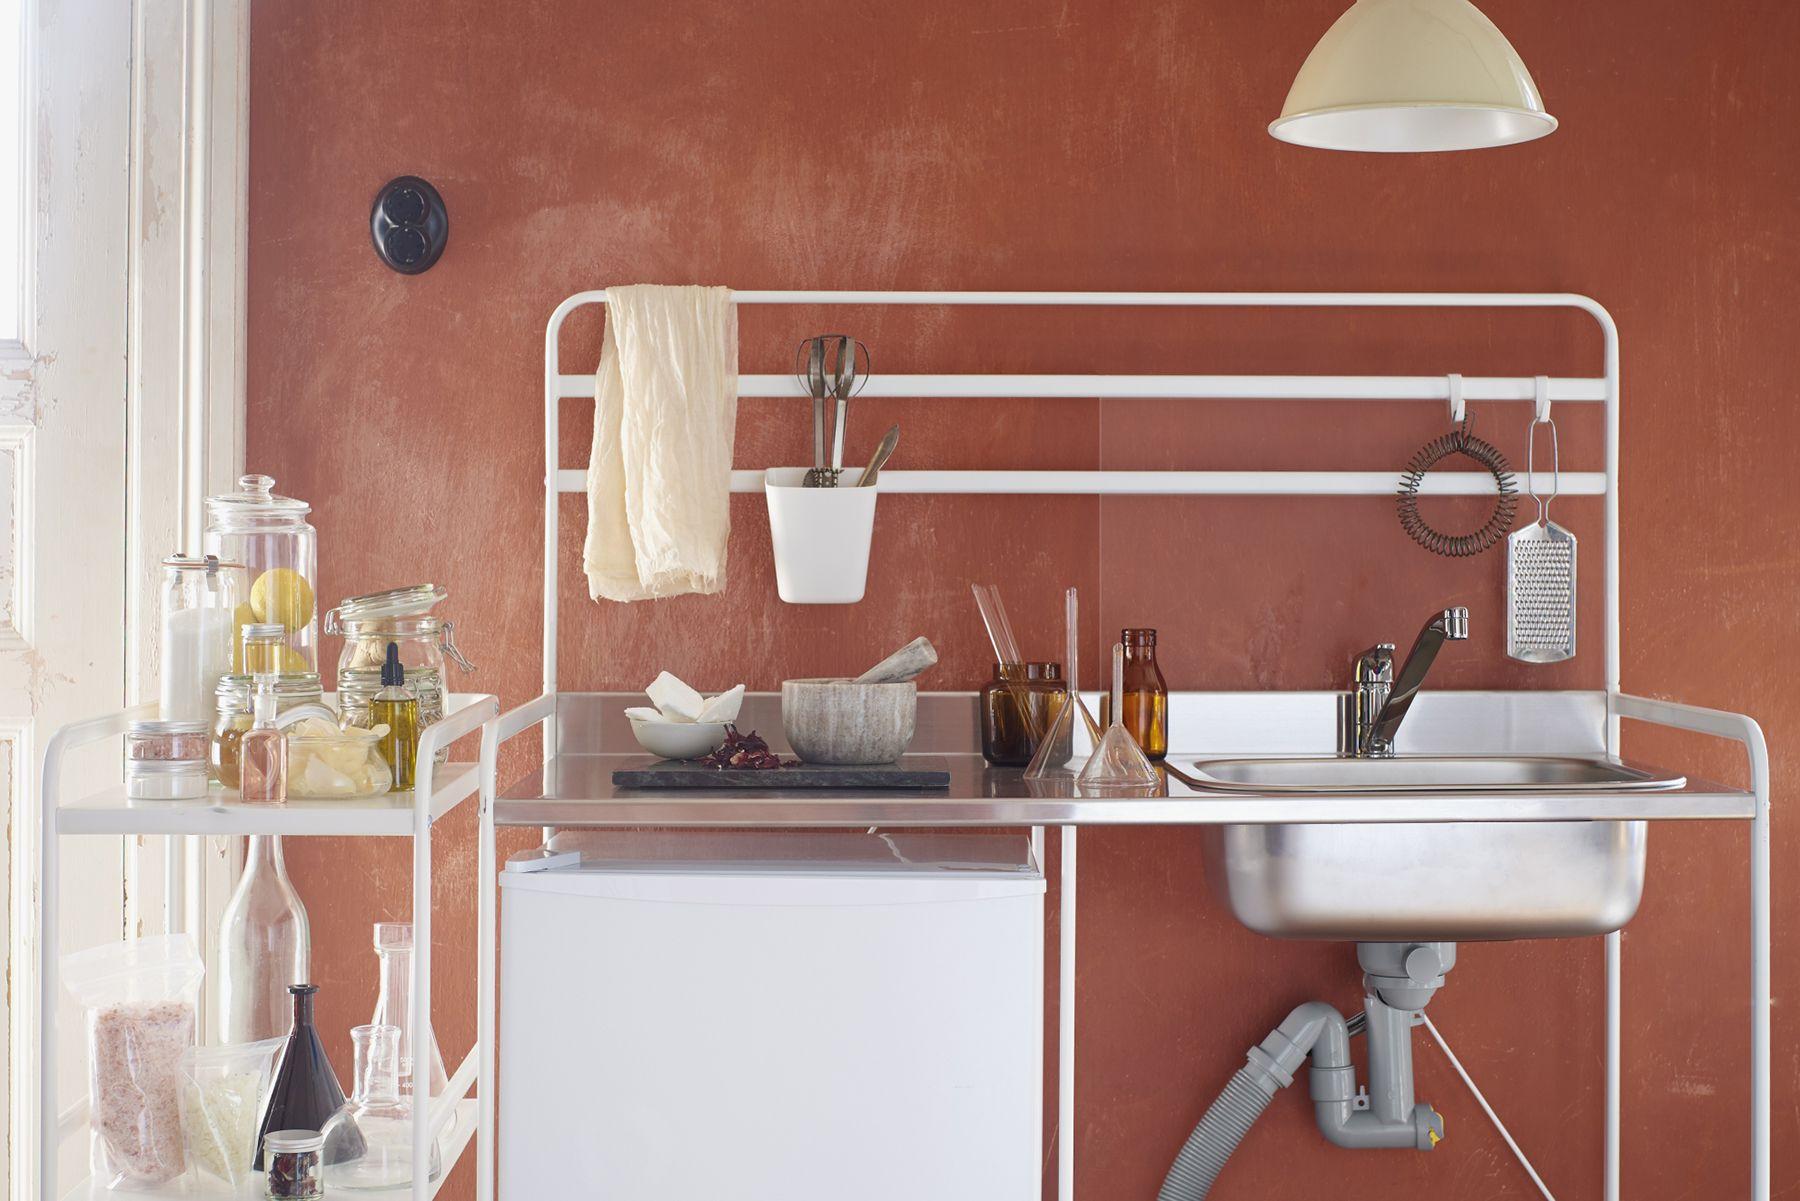 Ikea lancia la sua cucina da 100 euro bigodinobigodino - Cannello da cucina ikea ...